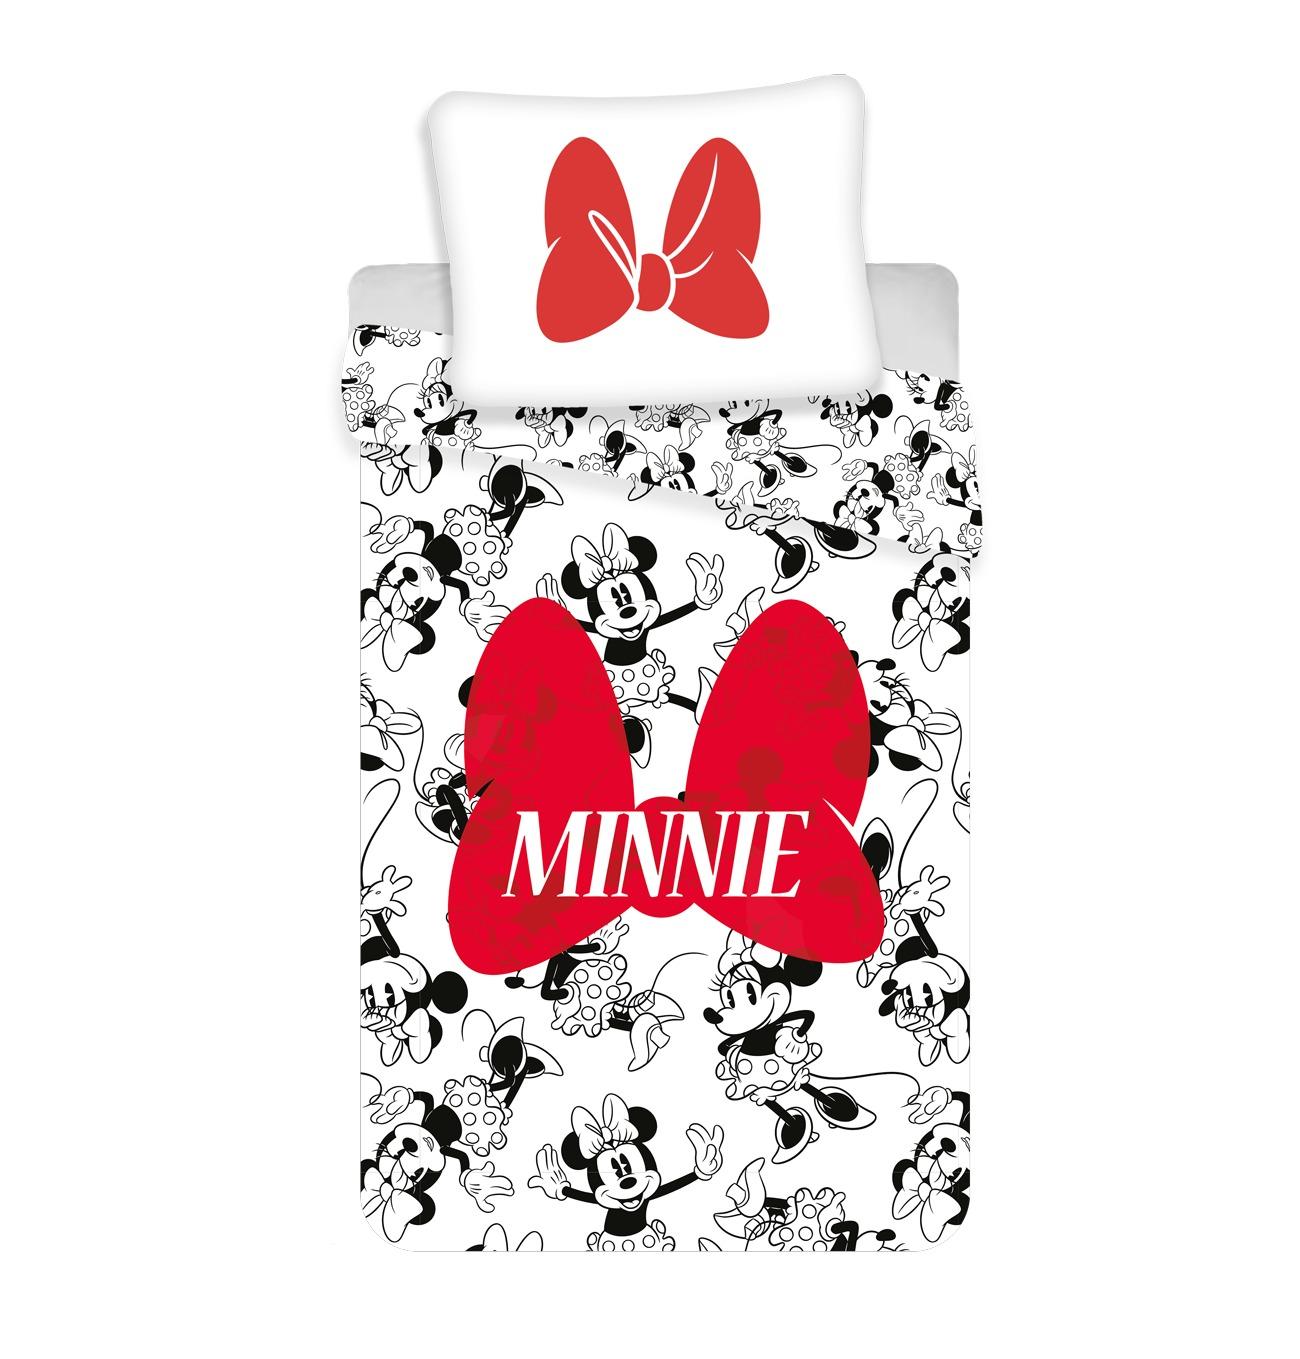 Povlečení Minnie red bow 140x200, 70x90 cm